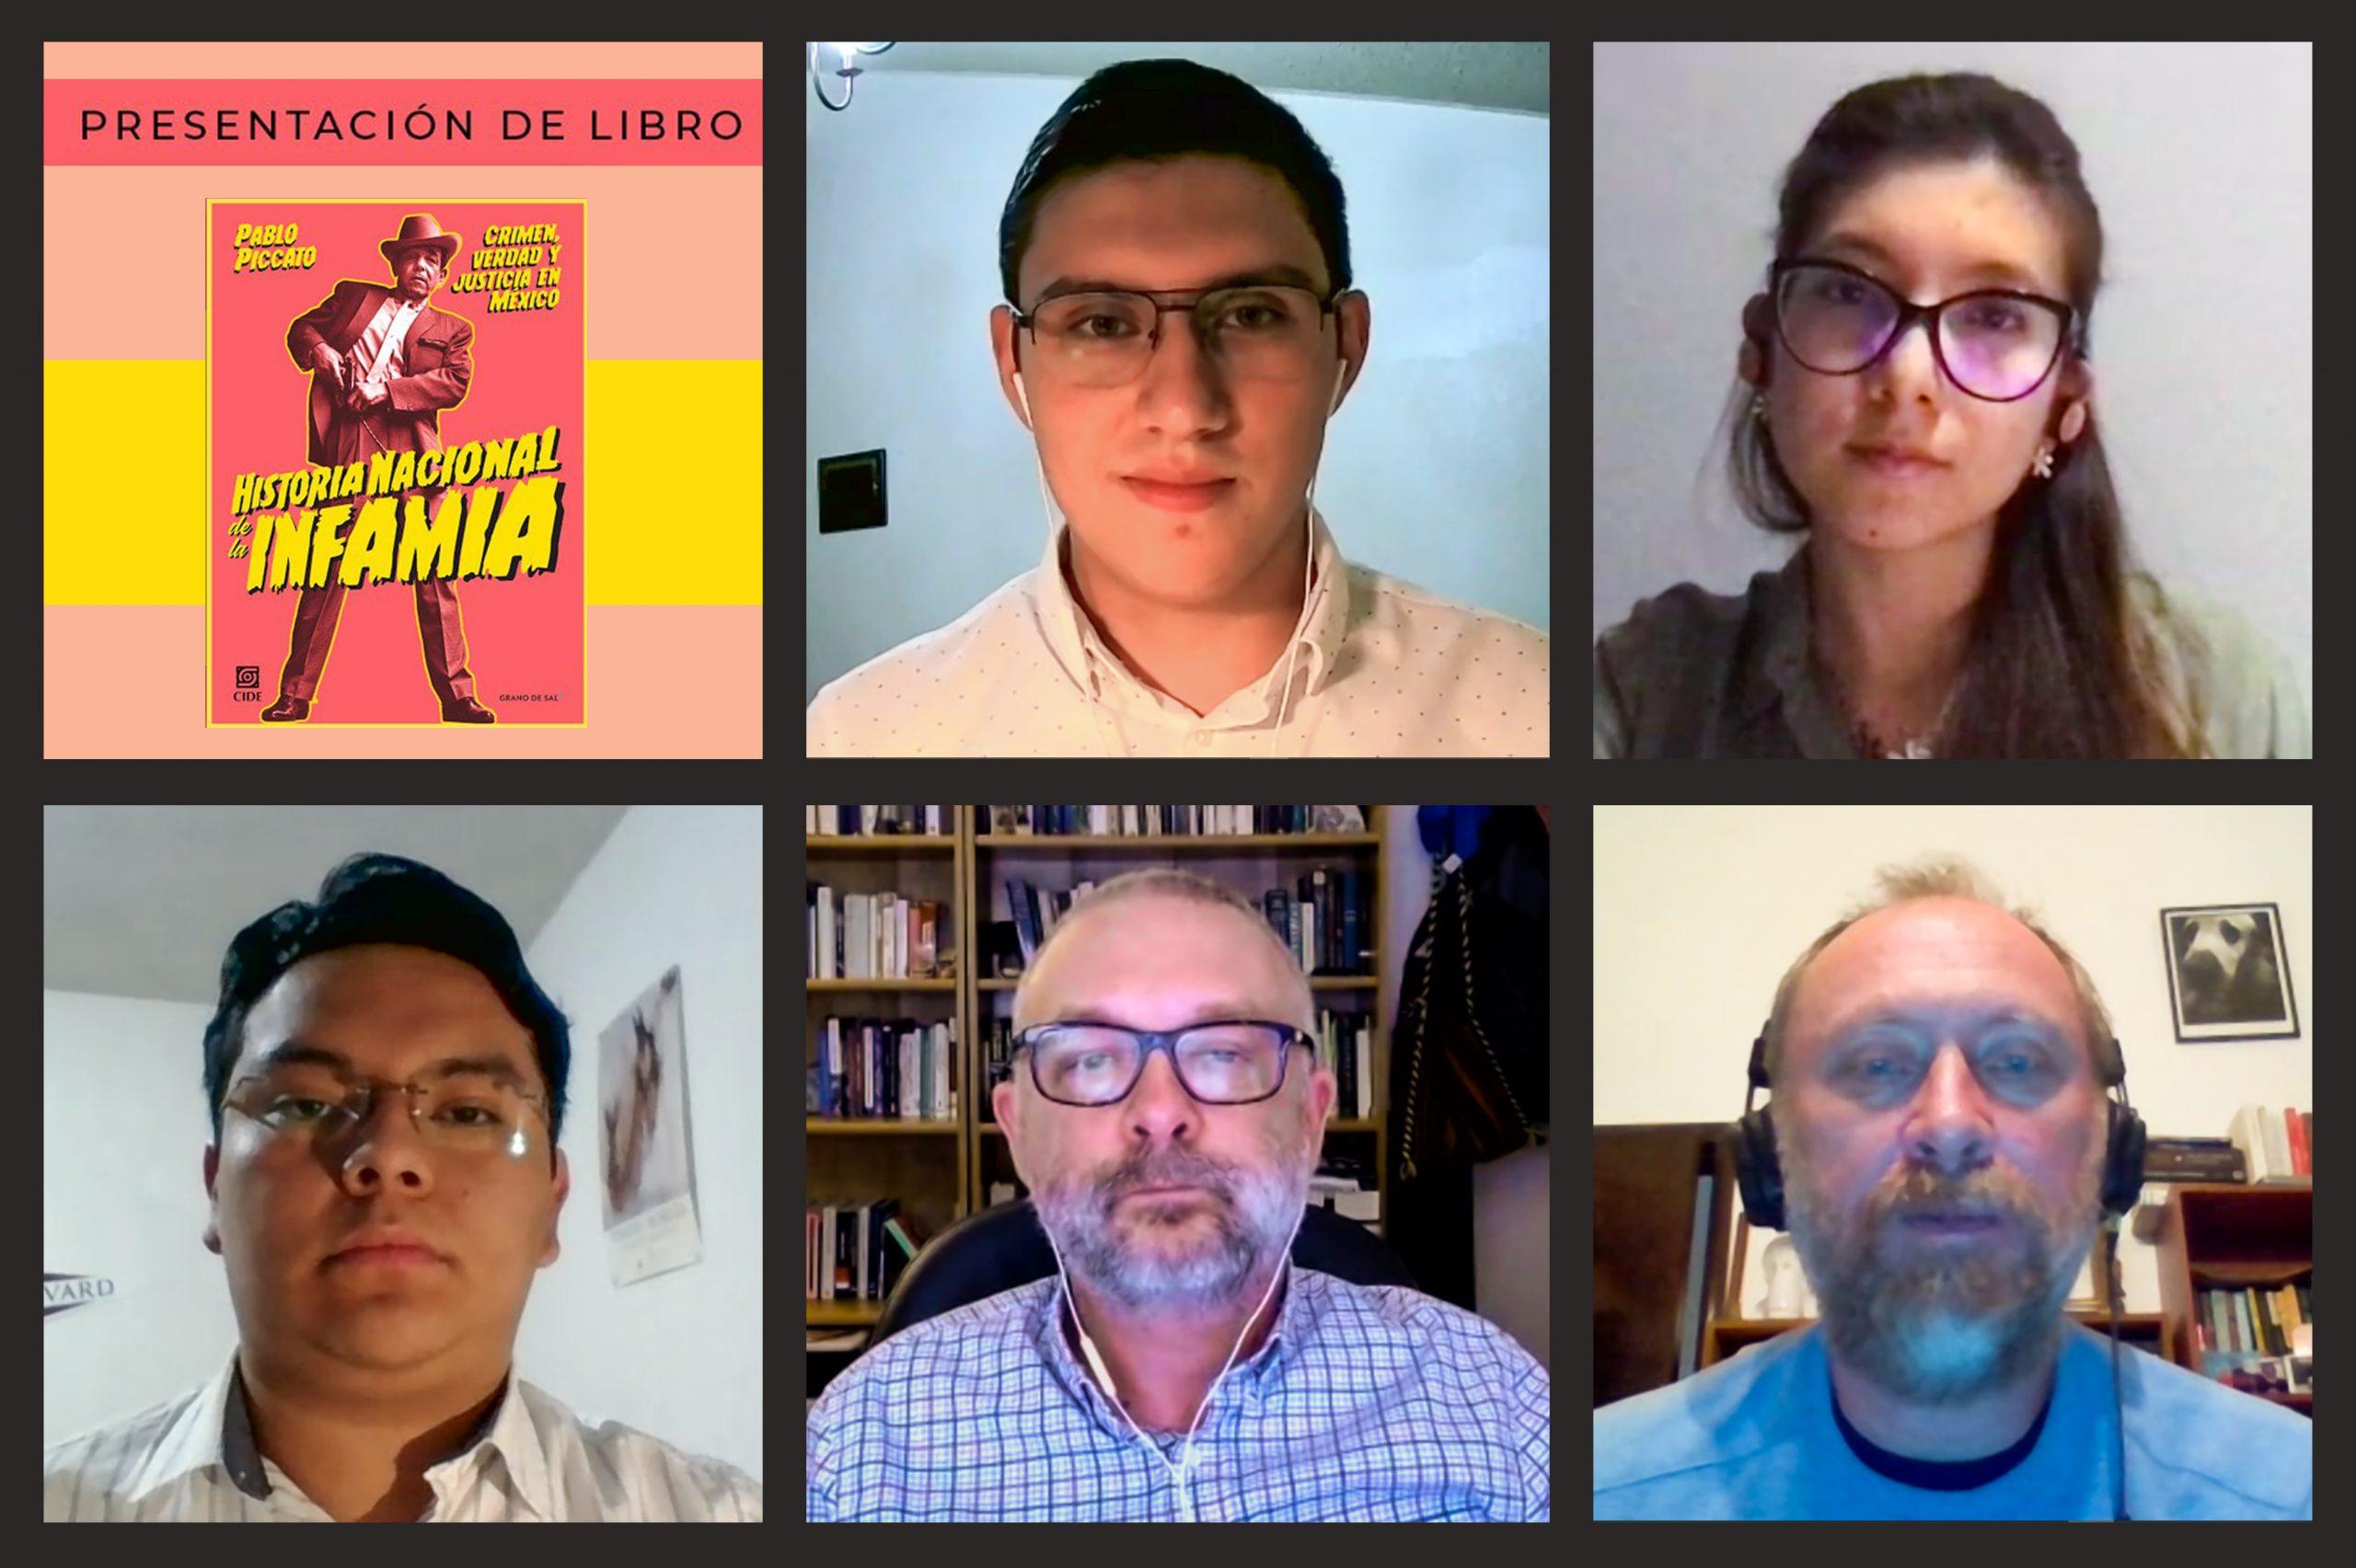 Investigador presenta libro sobre el crimen, verdad y justicia en México